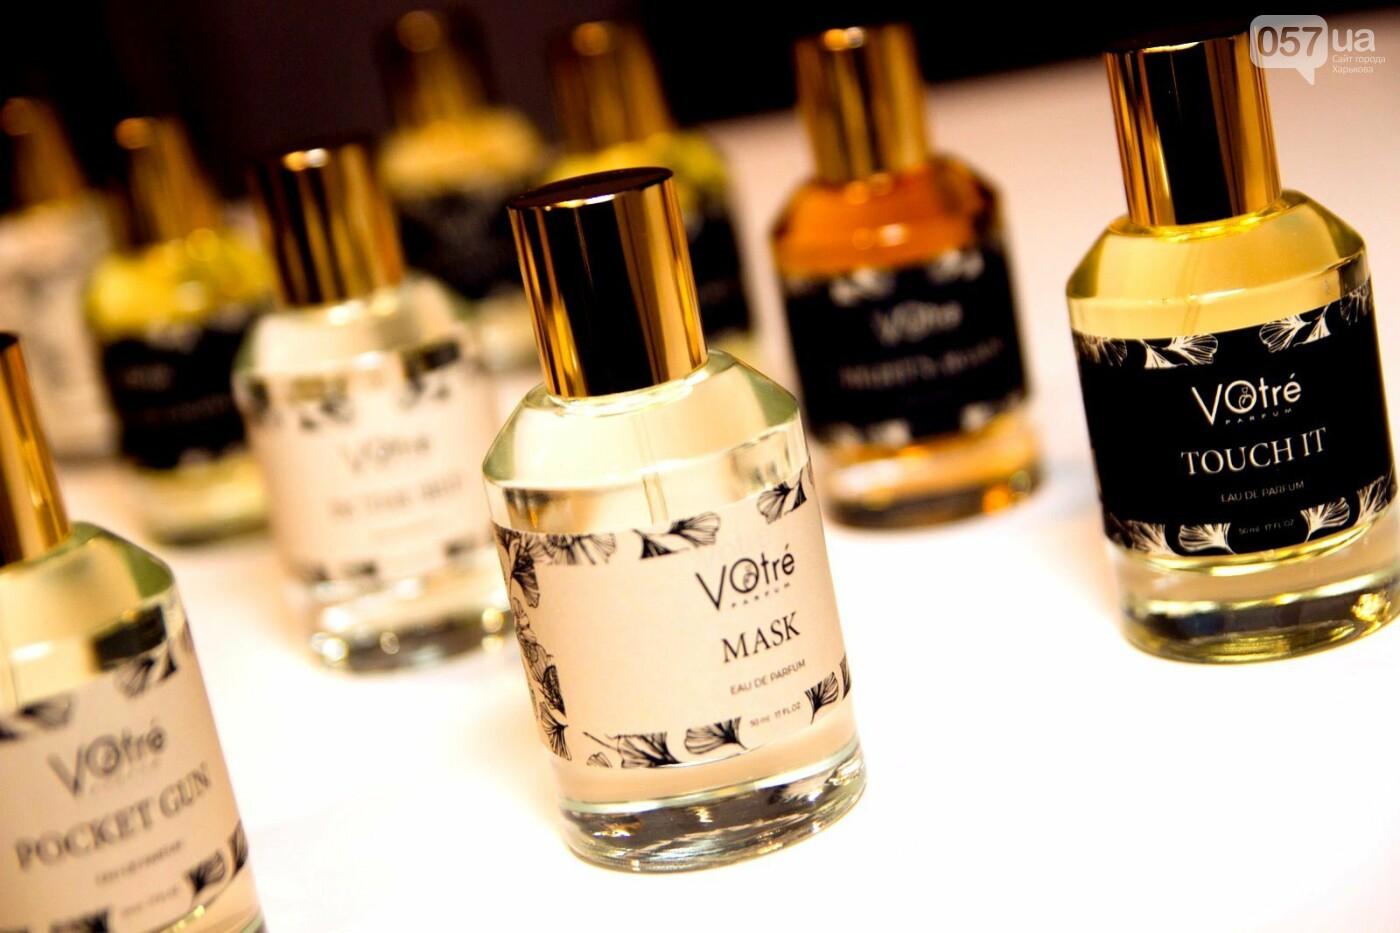 Votre parfum — нишевый бренд, посвященный нашим девушкам и мужчинам, фото-4